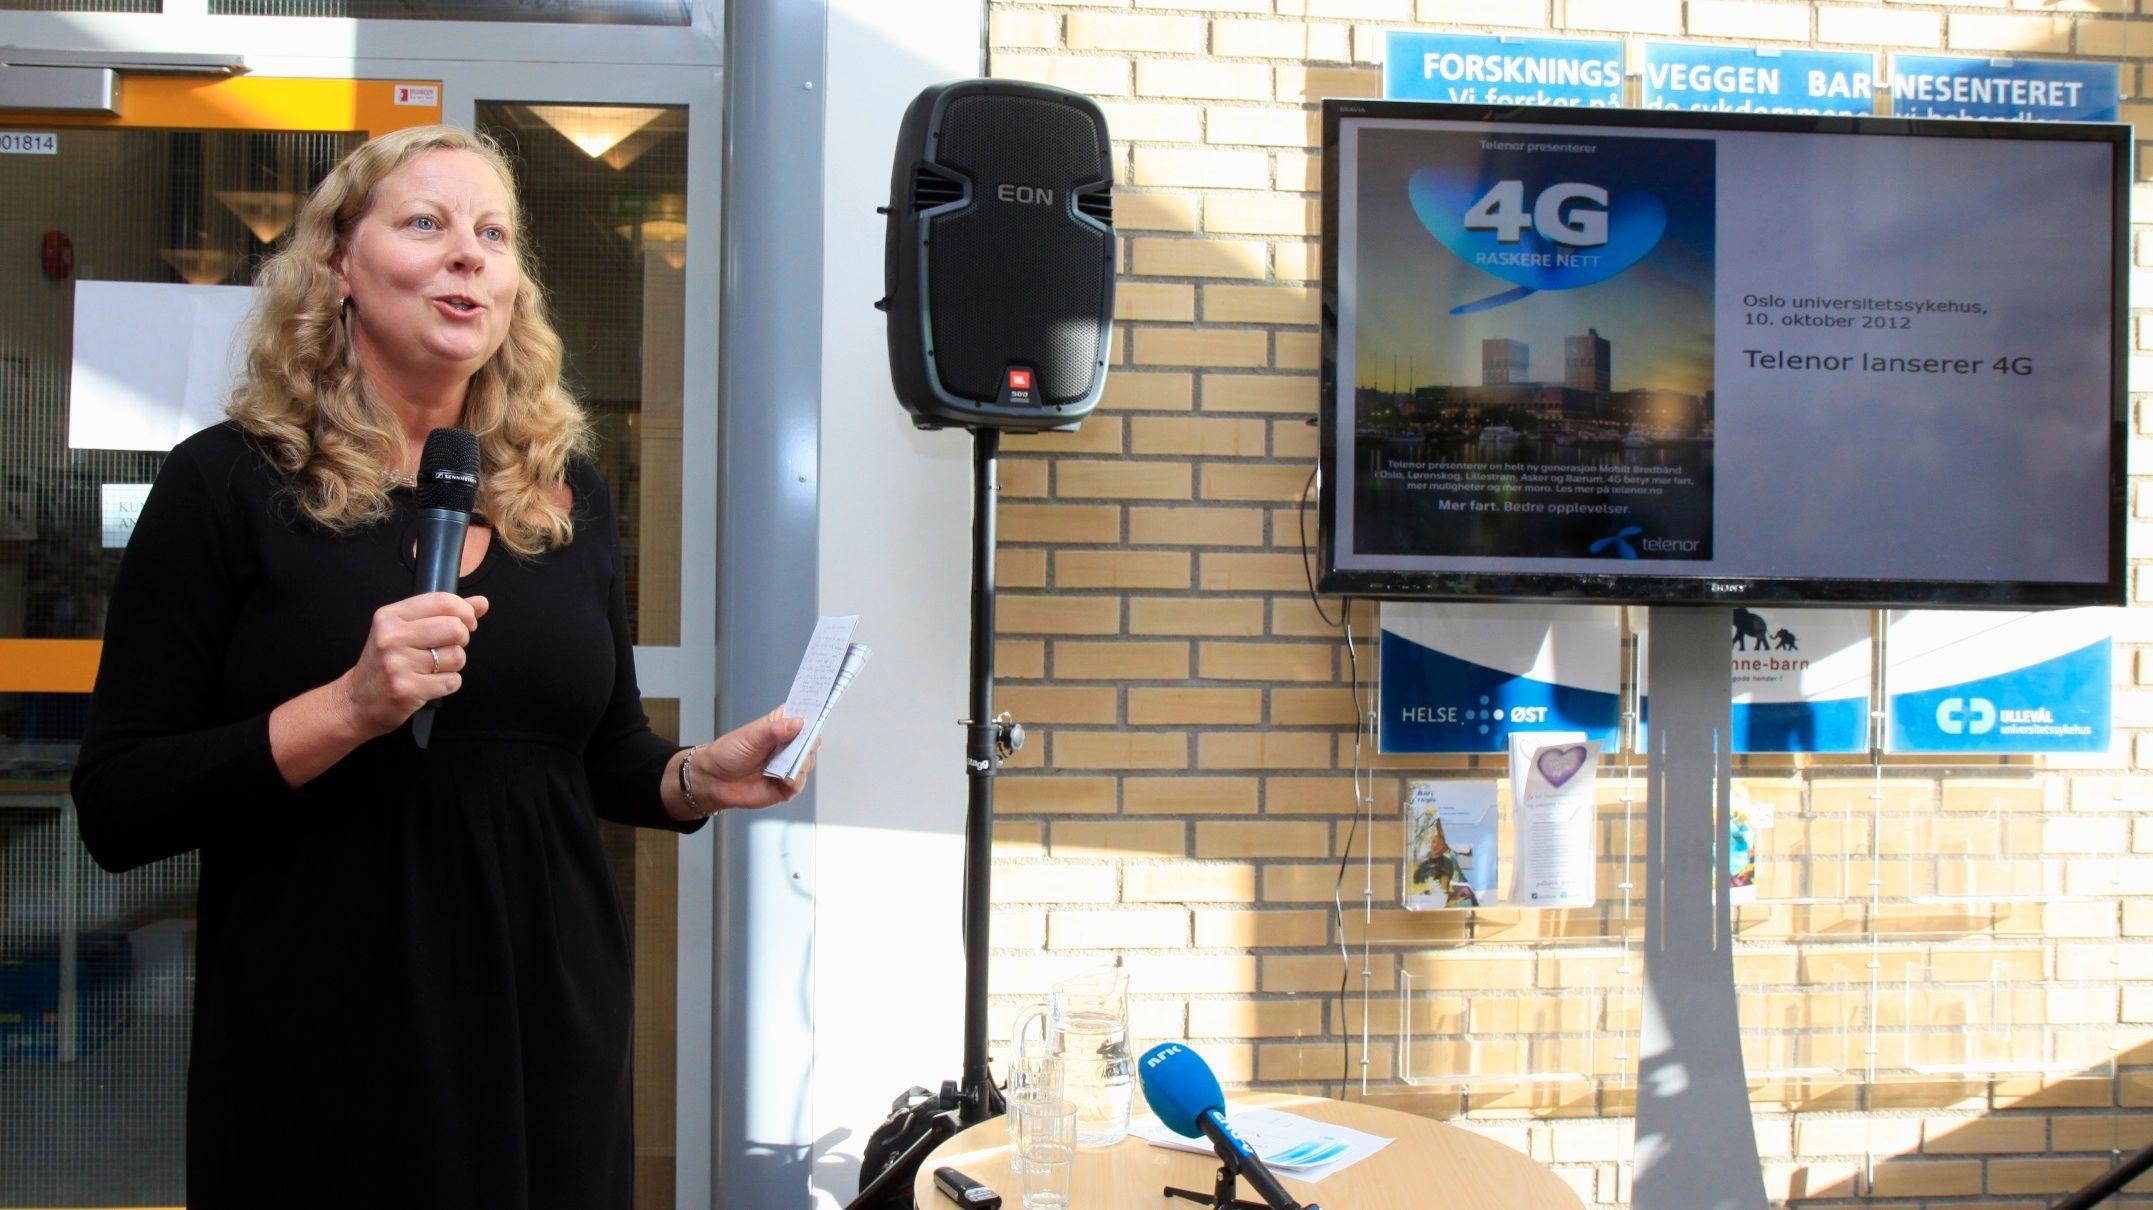 Telenor lover 4G til 9 av 10